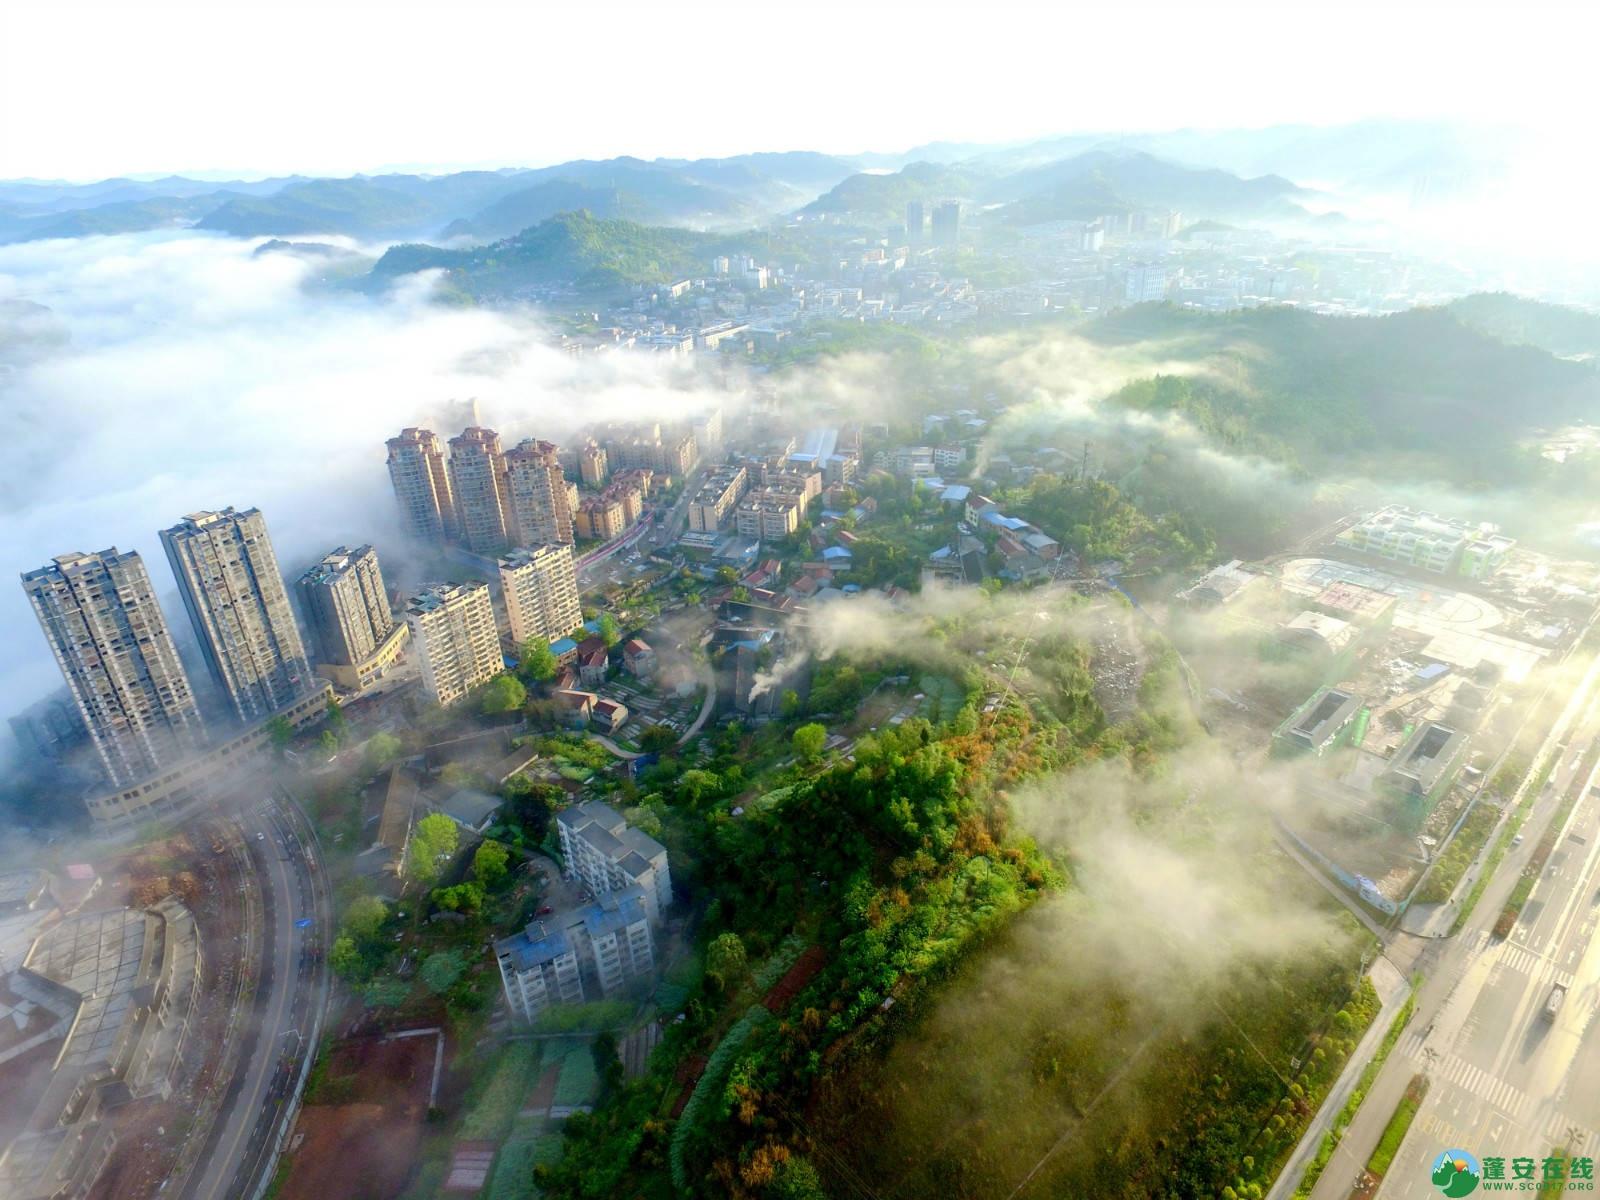 雾境蓬安 - 第25张  | 蓬安在线